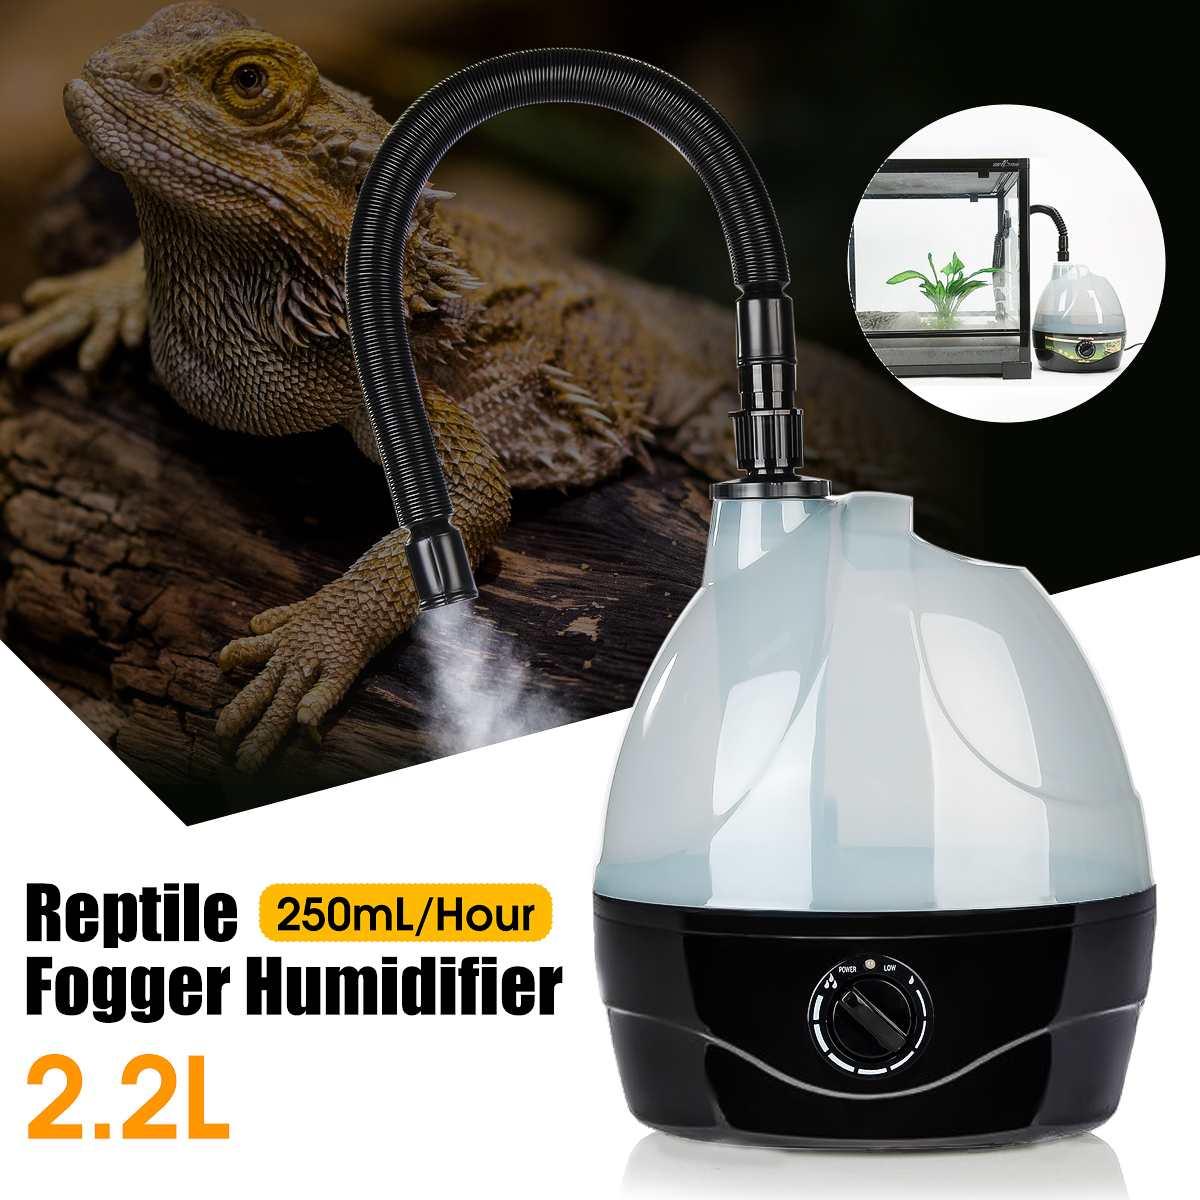 Warmtoo nouveau 1 pièces tout neuf de haute qualité 2.2L réservoir amphibiens Reptile brumisateur humidificateur vaporisateur fabricant de brouillard générateur